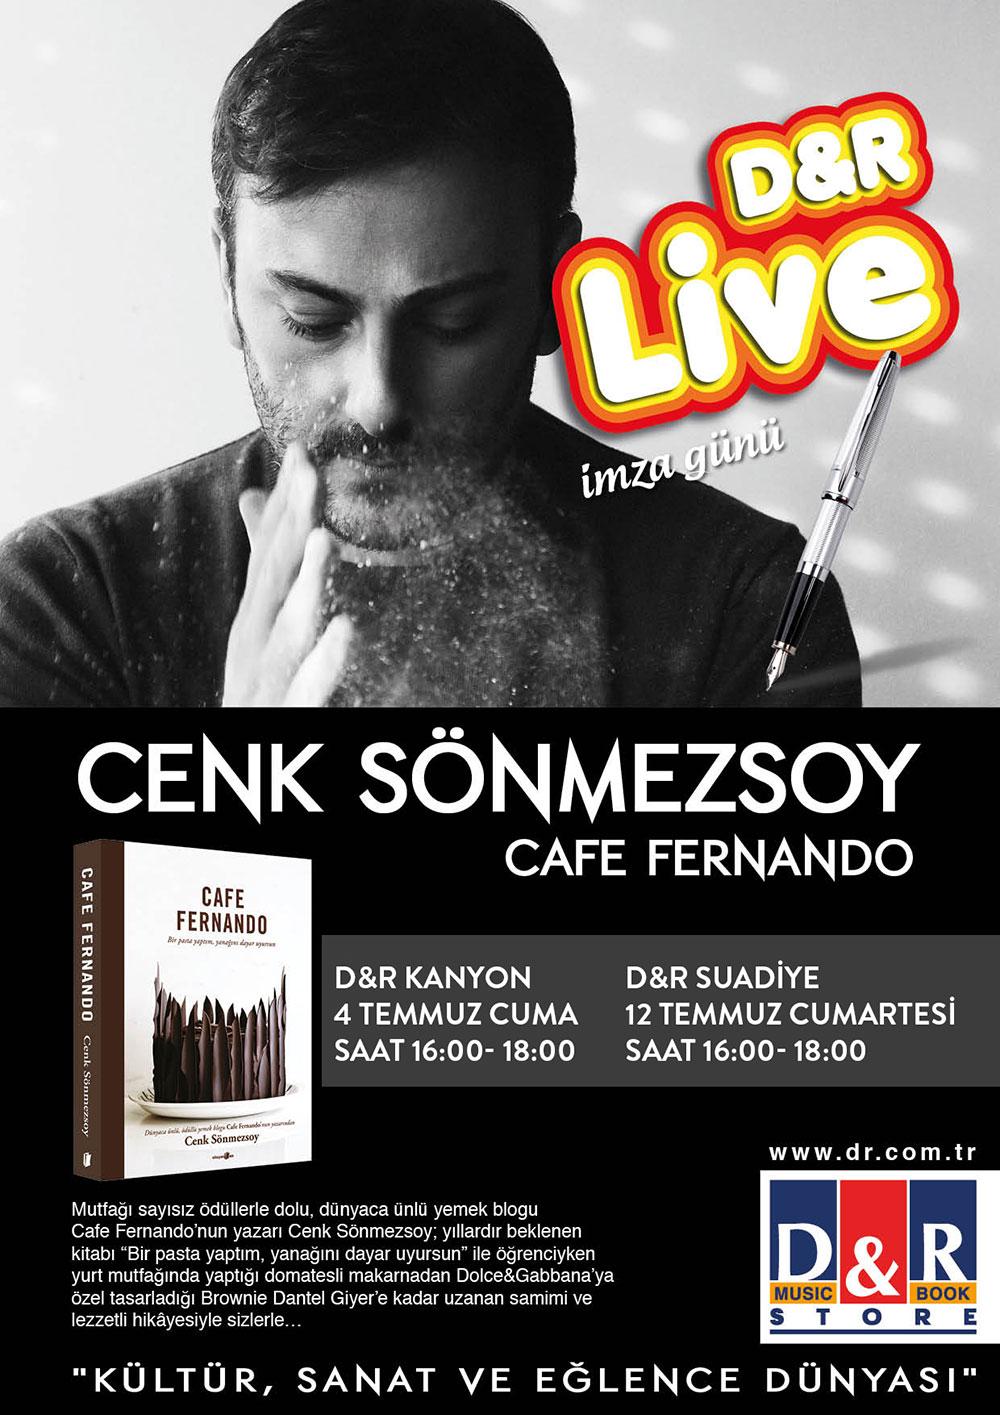 Cafe Fernando İlk İmza Günü D&R Kanyon